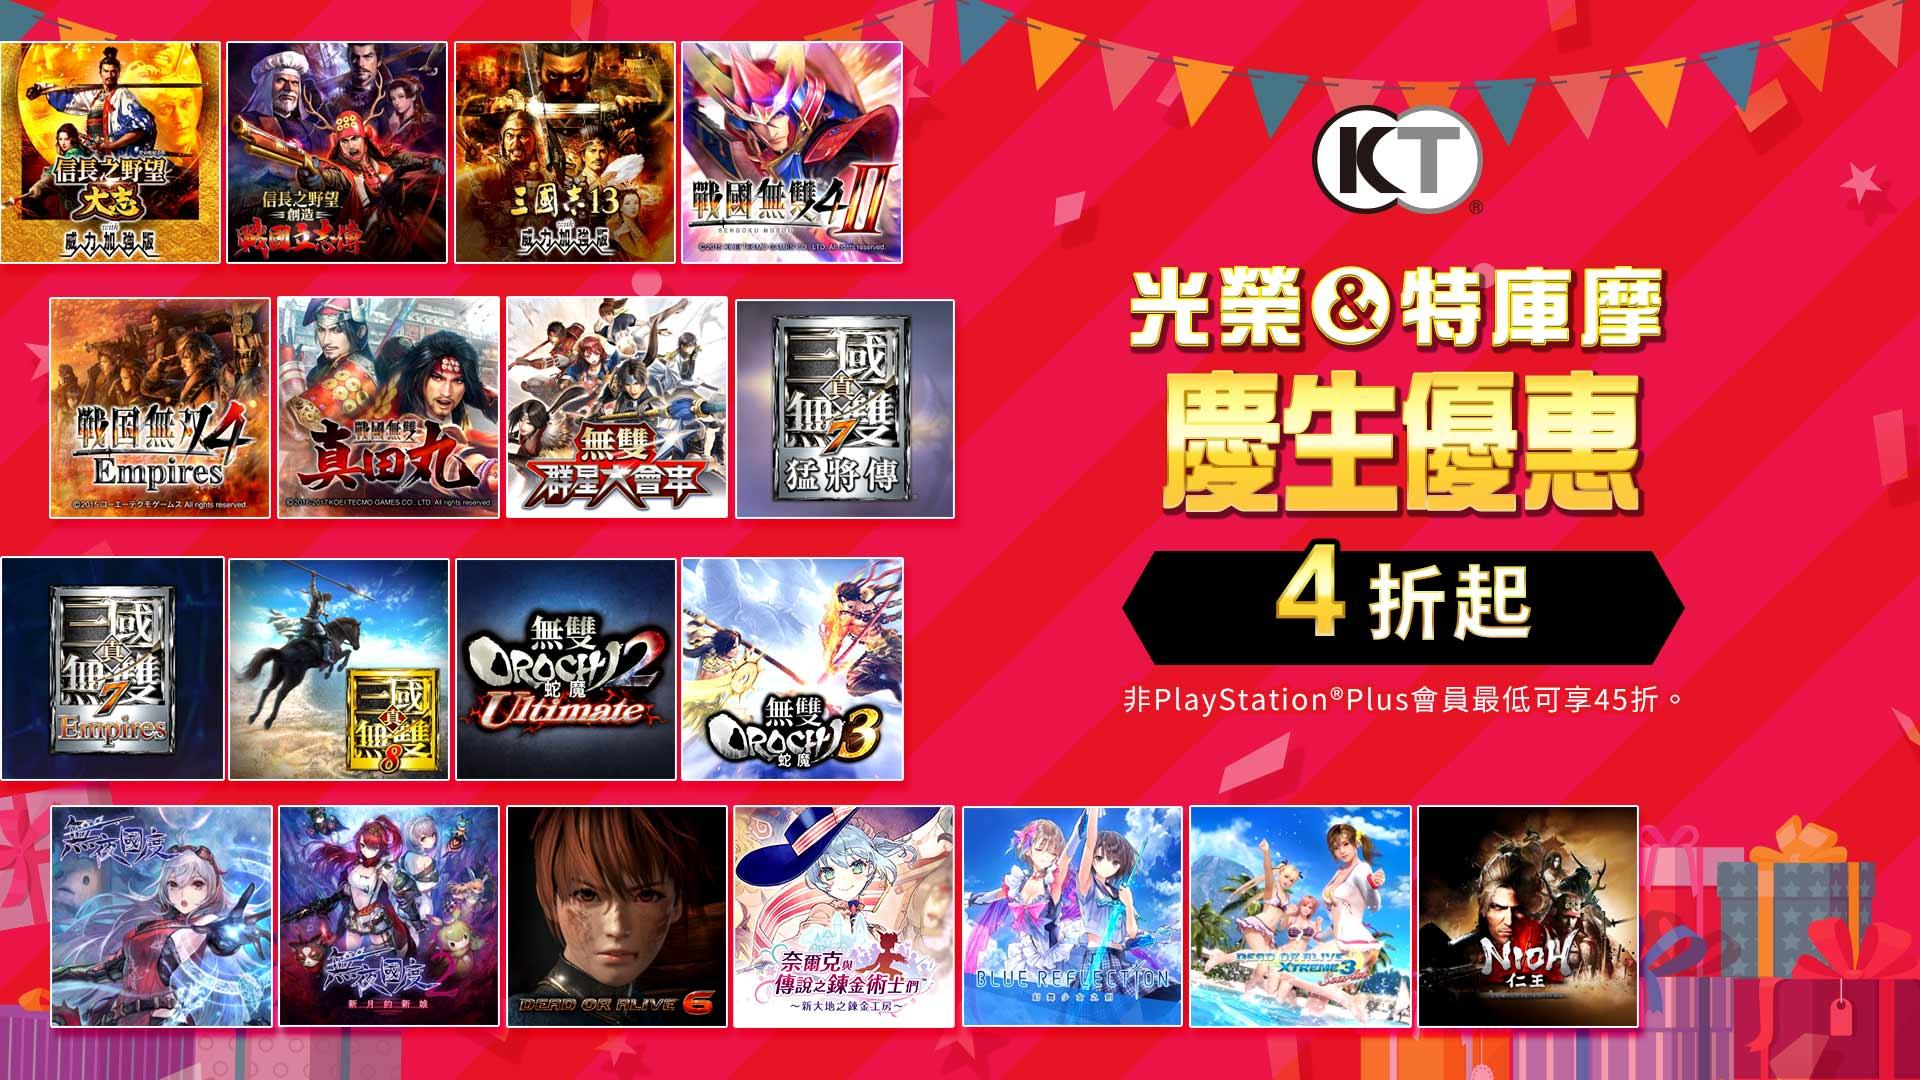 光荣特库摩旗下游戏大特价 PS Store低至4折起